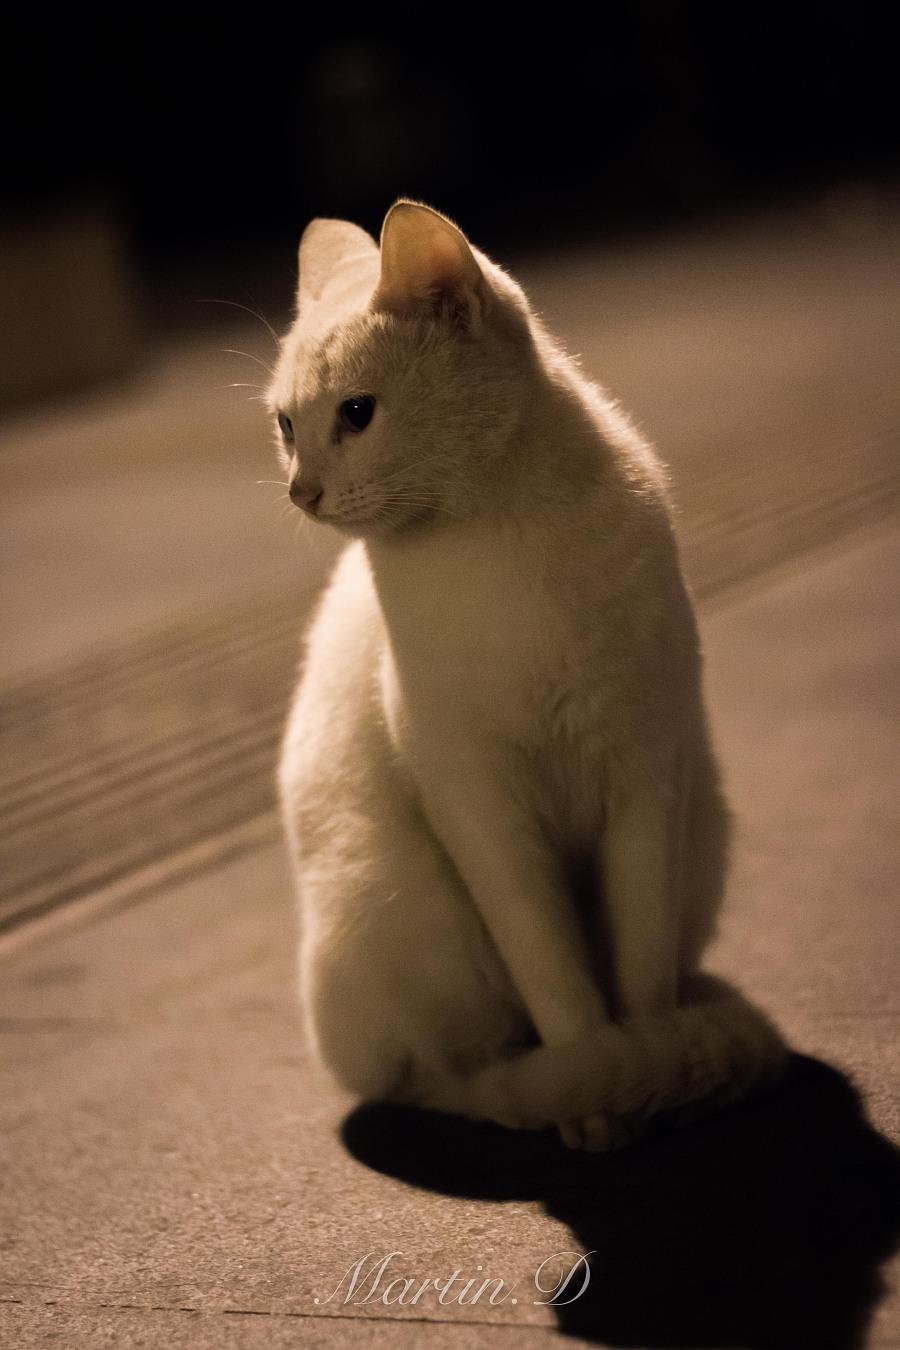 流浪猫系列之大白喵|宠物/动物|摄影|martins92